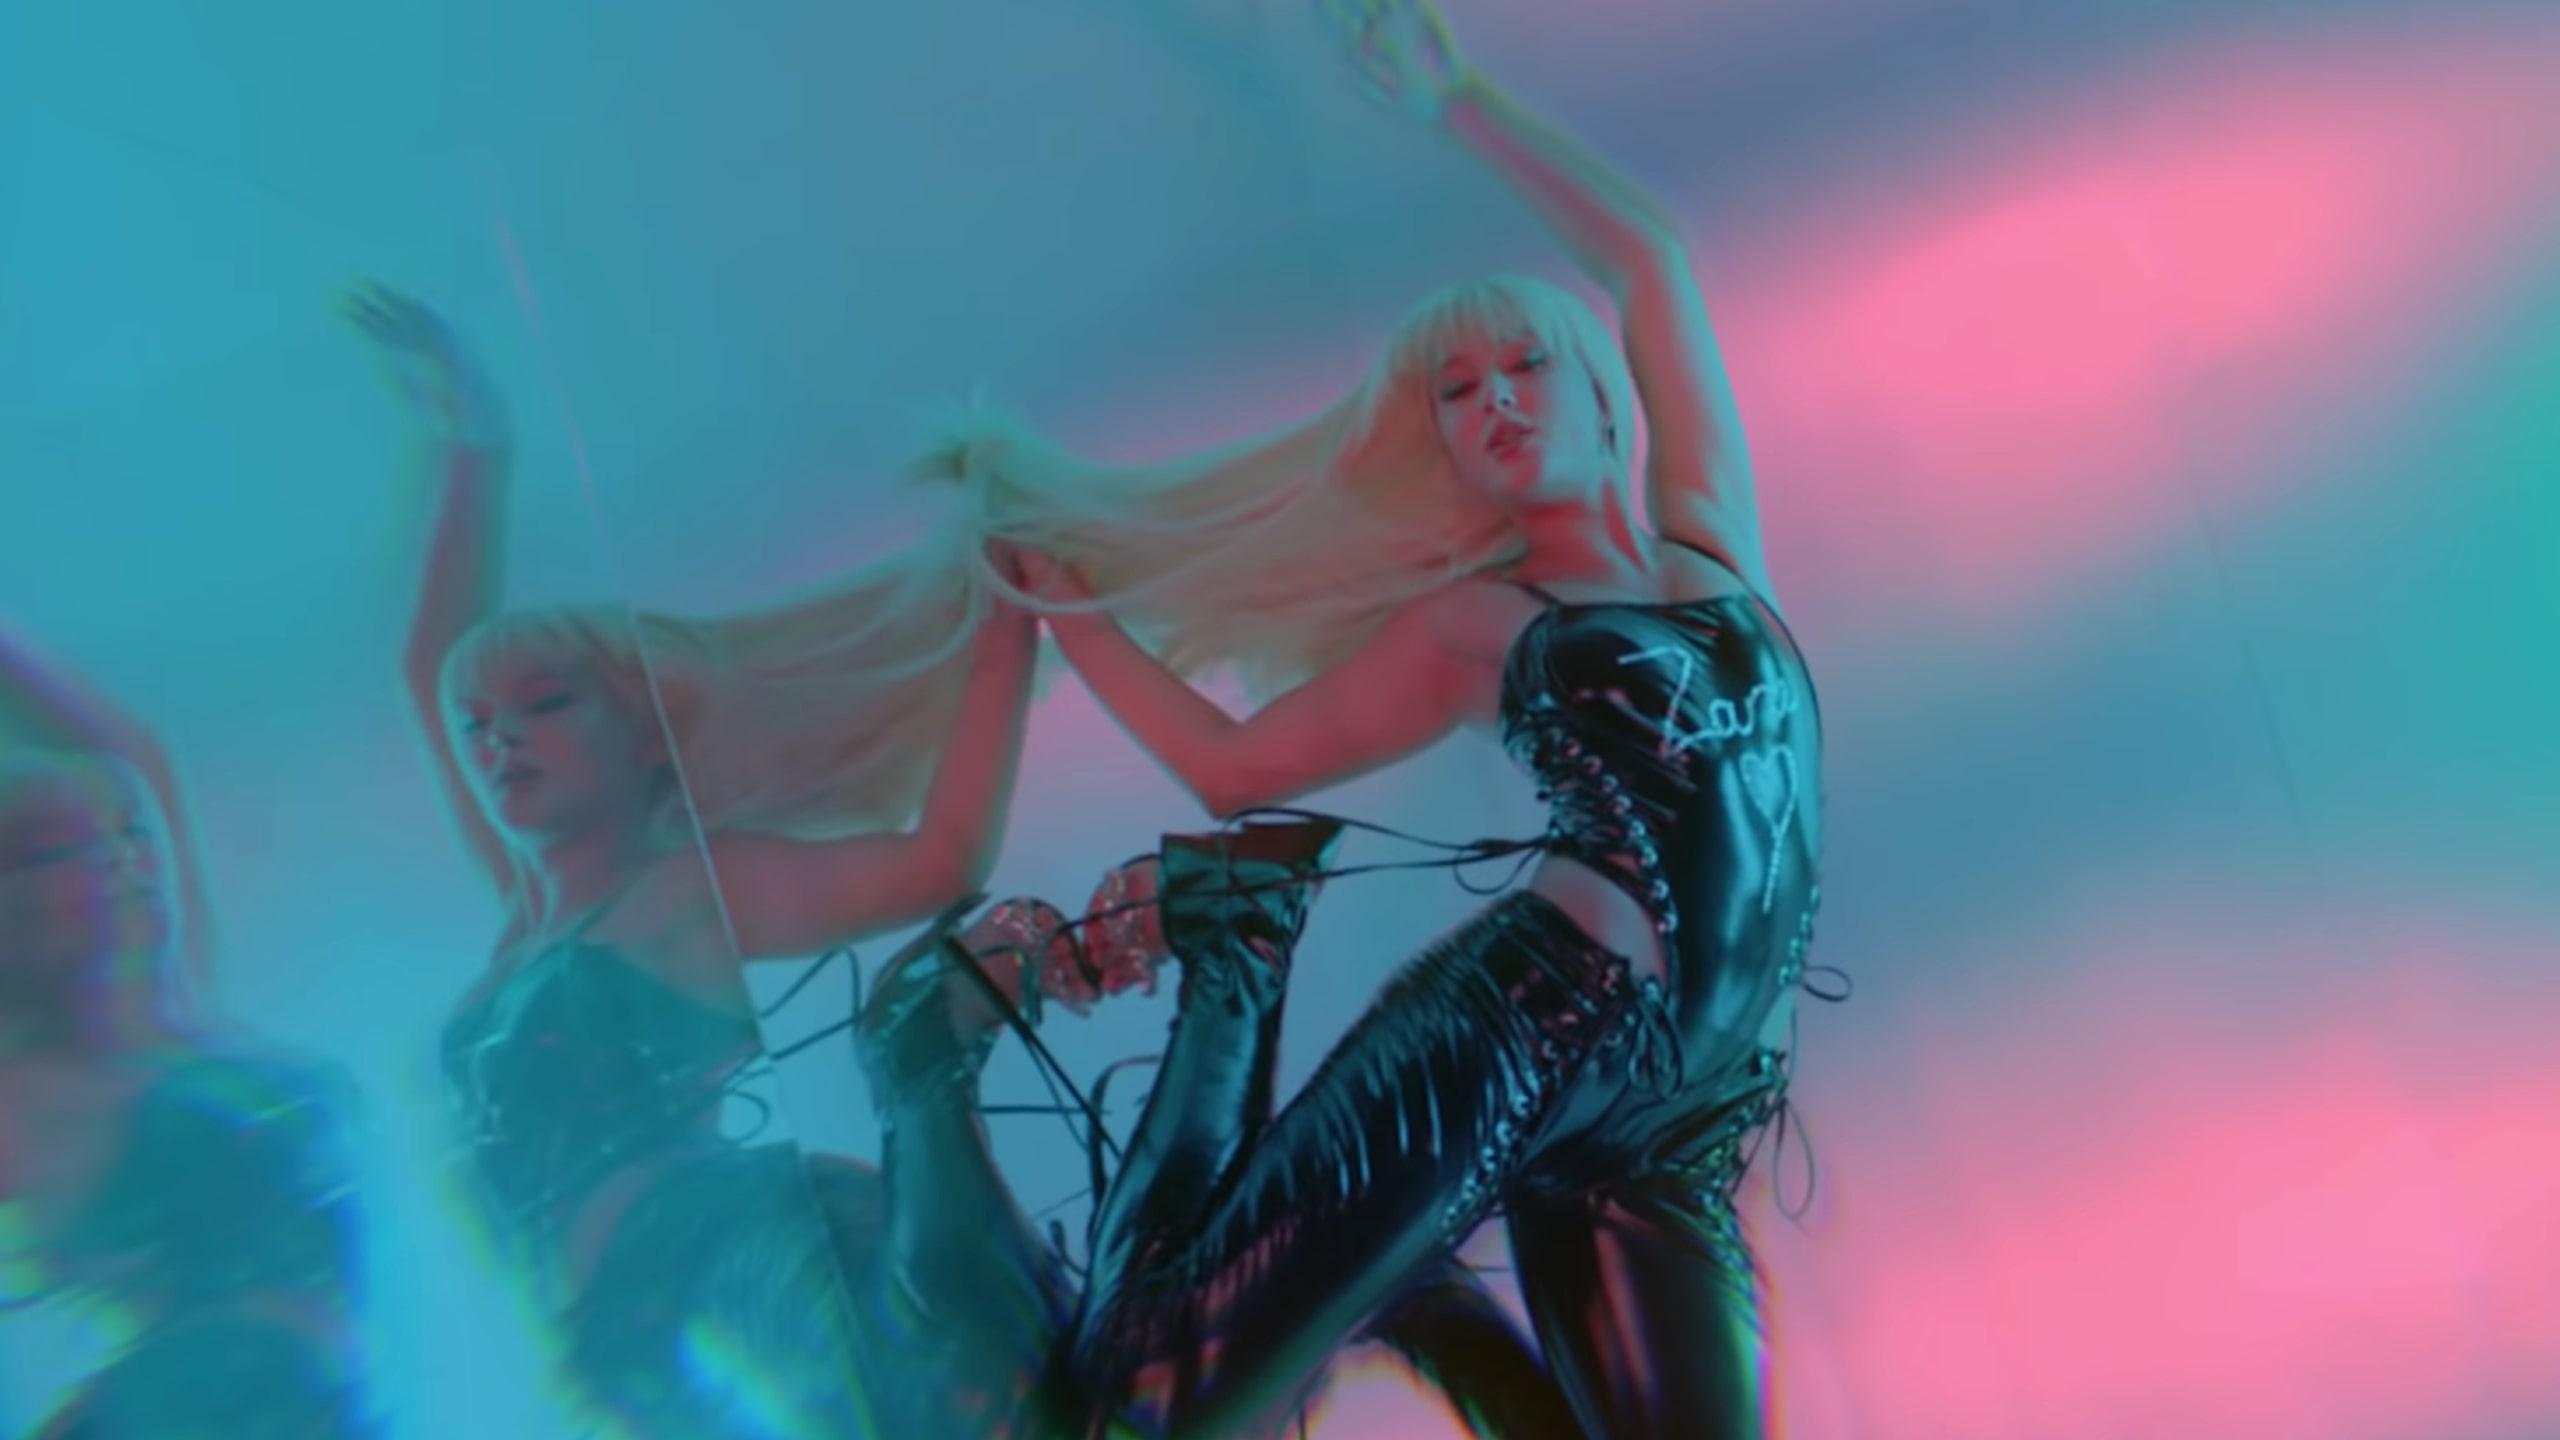 WOW (Remix) - Zara Larsson, Sabrina Carpenter